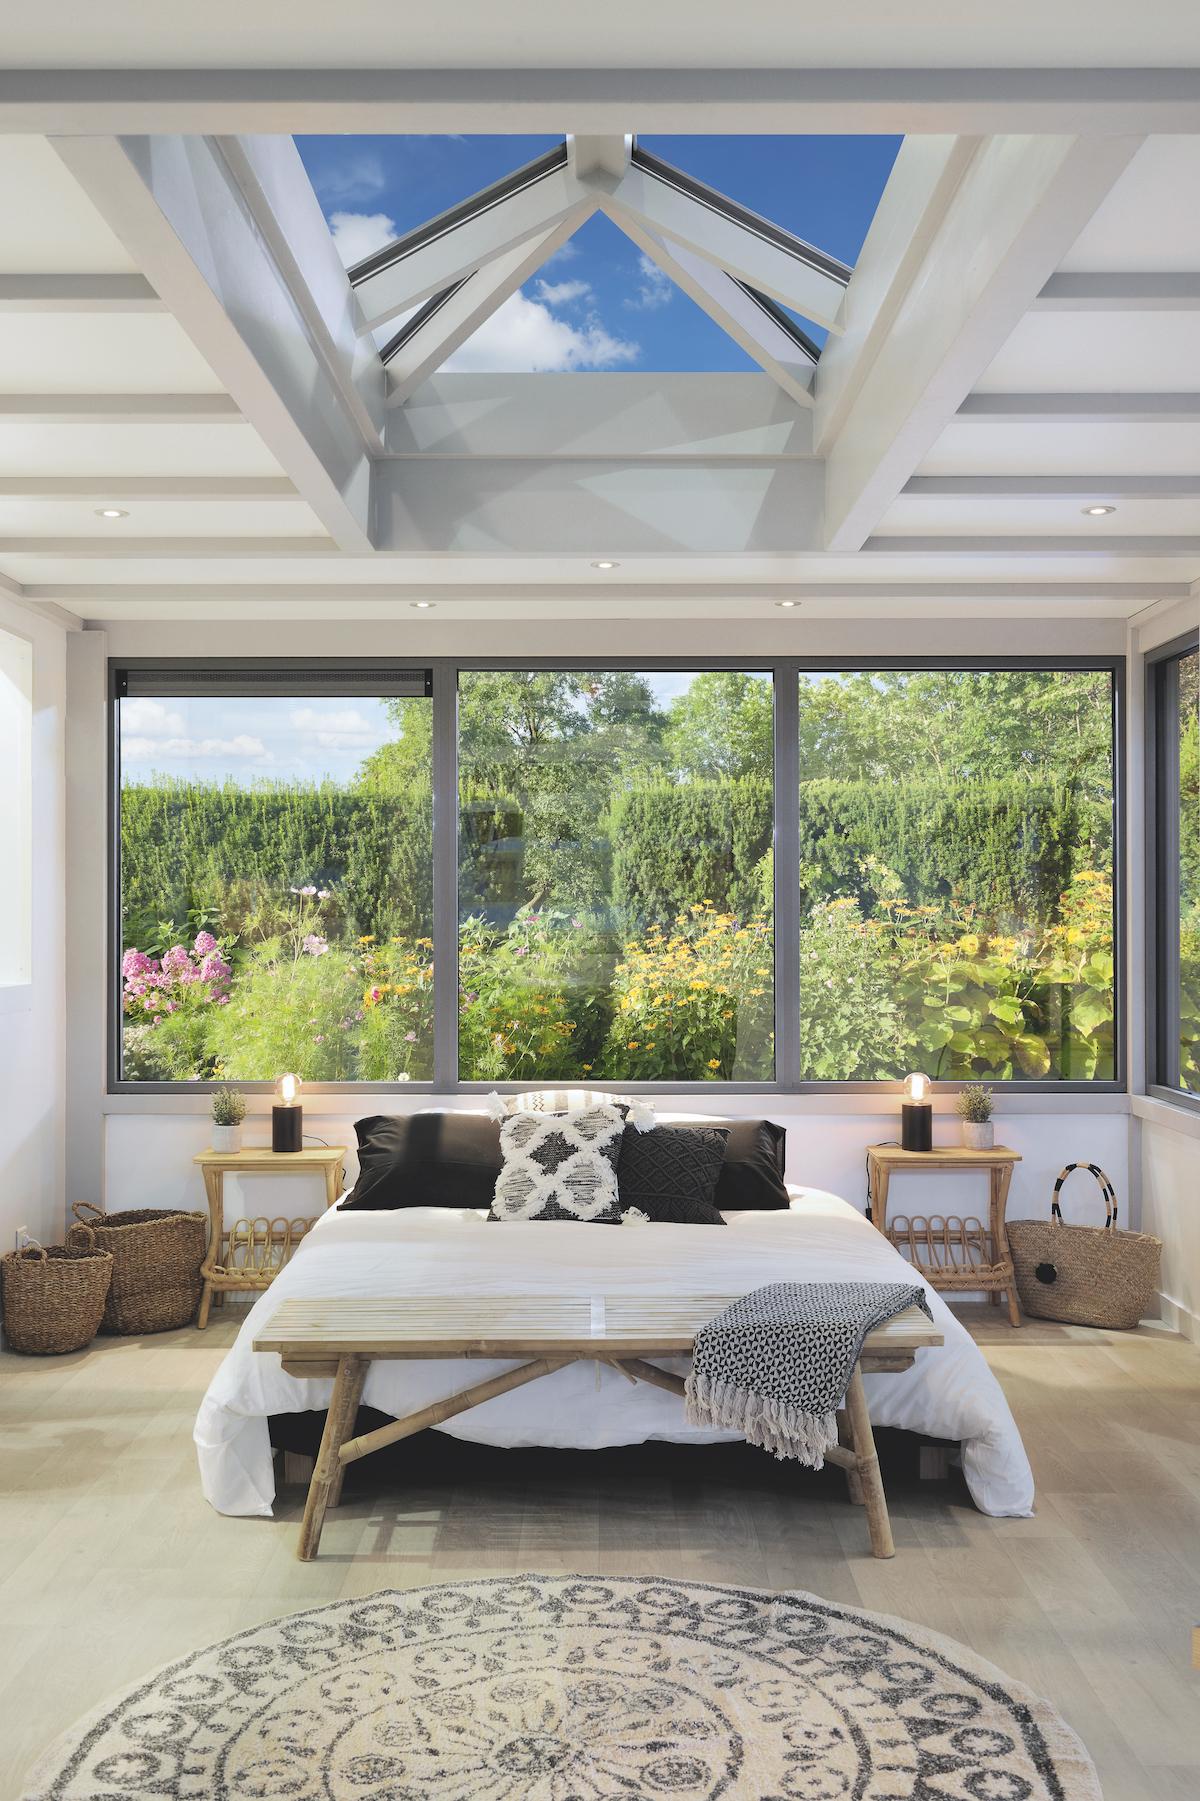 chambre lit double deco réconfortante lumineuse veranda toit dome ouvert